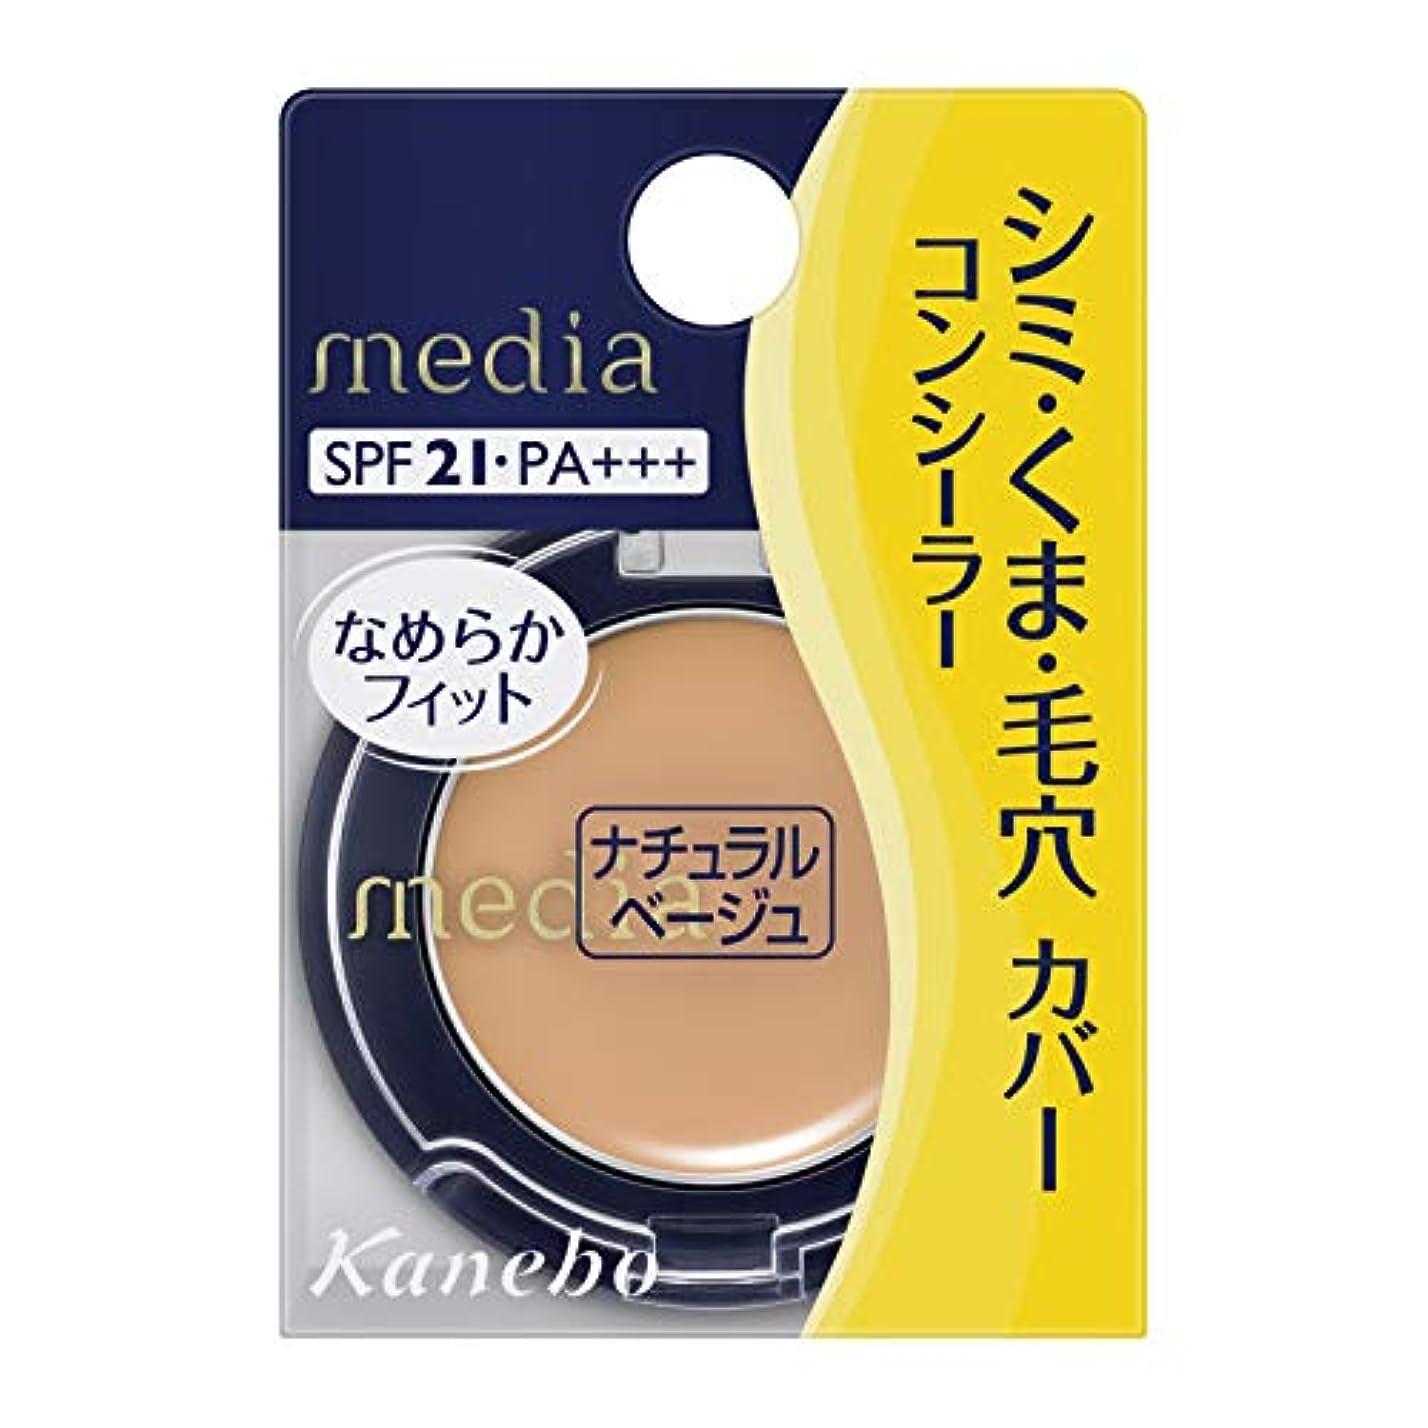 クラック食い違いこしょうカネボウ化粧品 メディア コンシーラー S ナチュラルベージュ 1.7g